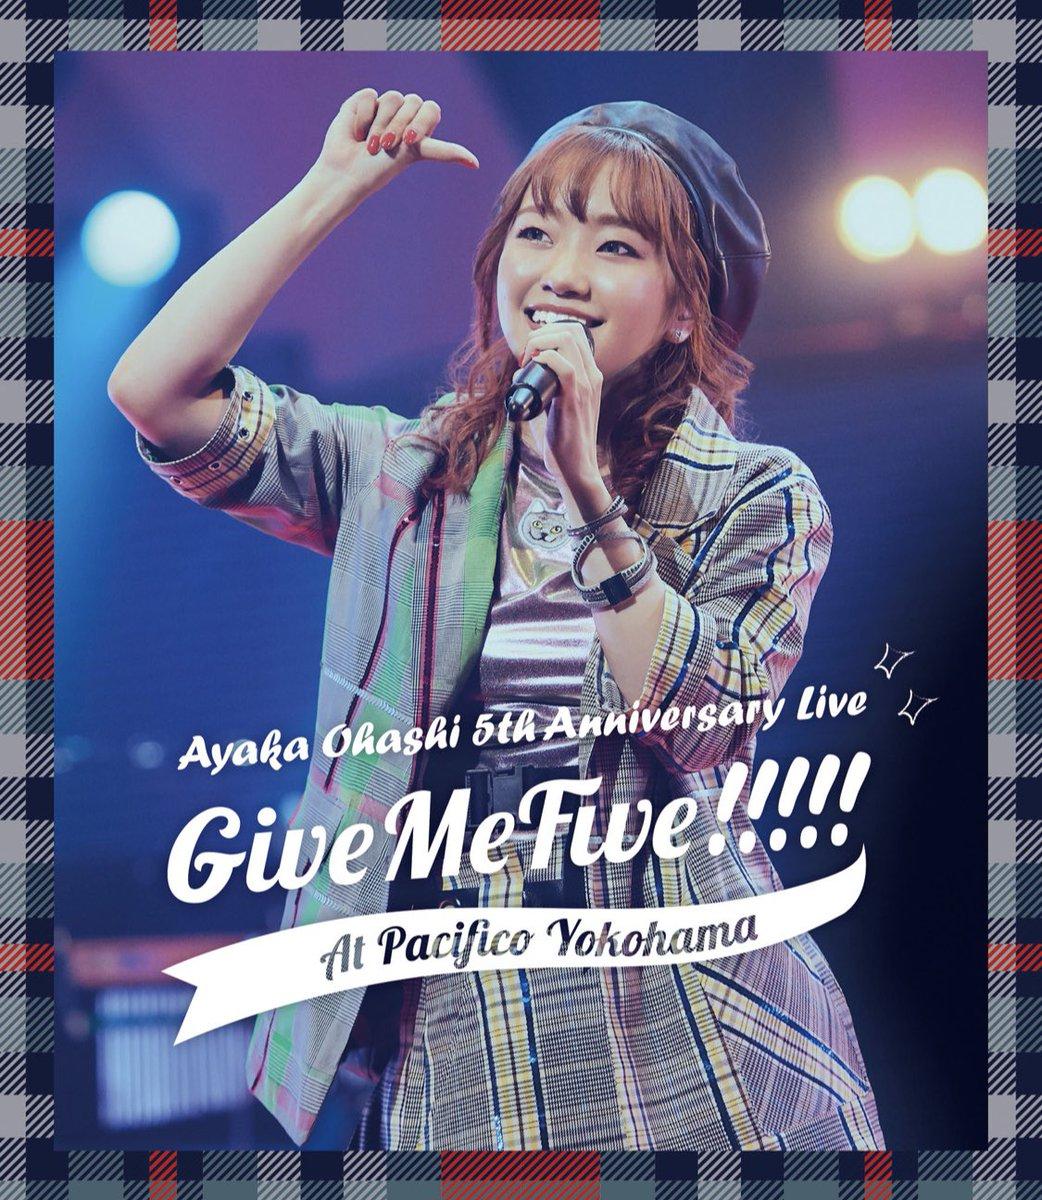 大橋彩香 5th Anniversary Live ~ Give Me Five!!!!! ~ at PACIFICO YOKOHAMA BD [2020.07.22+BD+RAR]